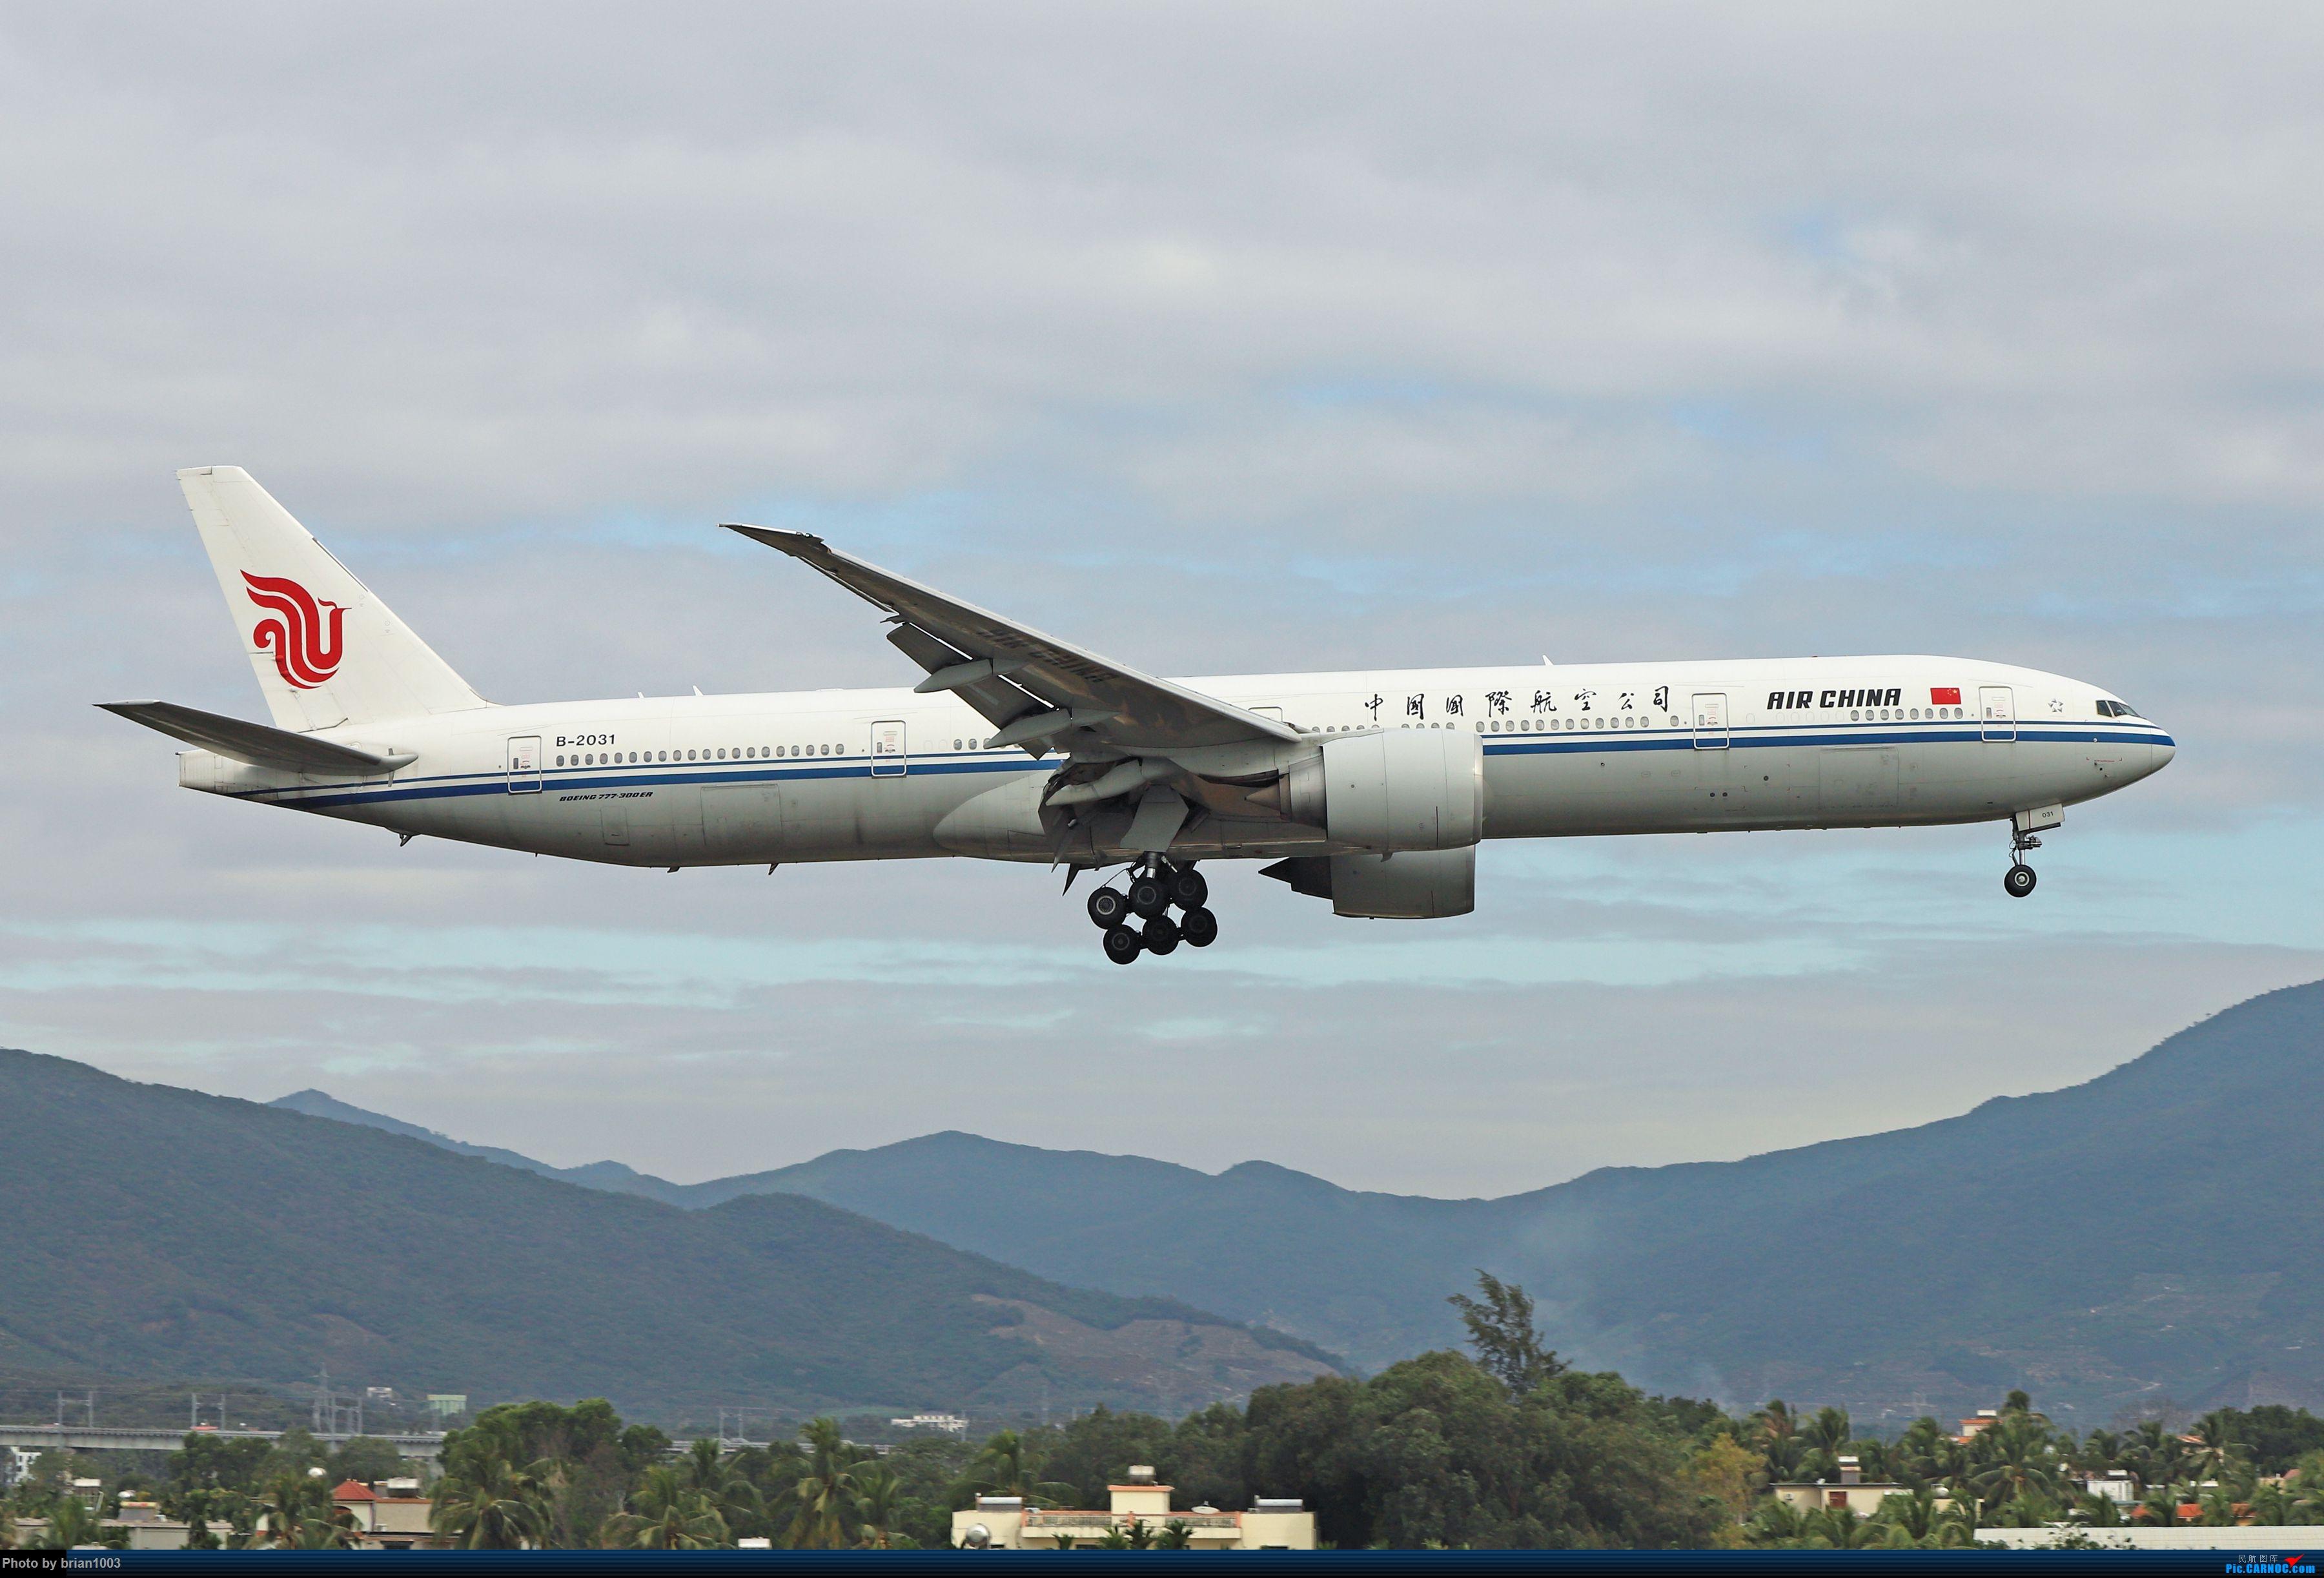 Re:[原创]CZ3347-CZ6734-HU7659,忙里偷闲的三亚拍机之行 BOEING 777-300ER B-2031 中国三亚凤凰国际机场